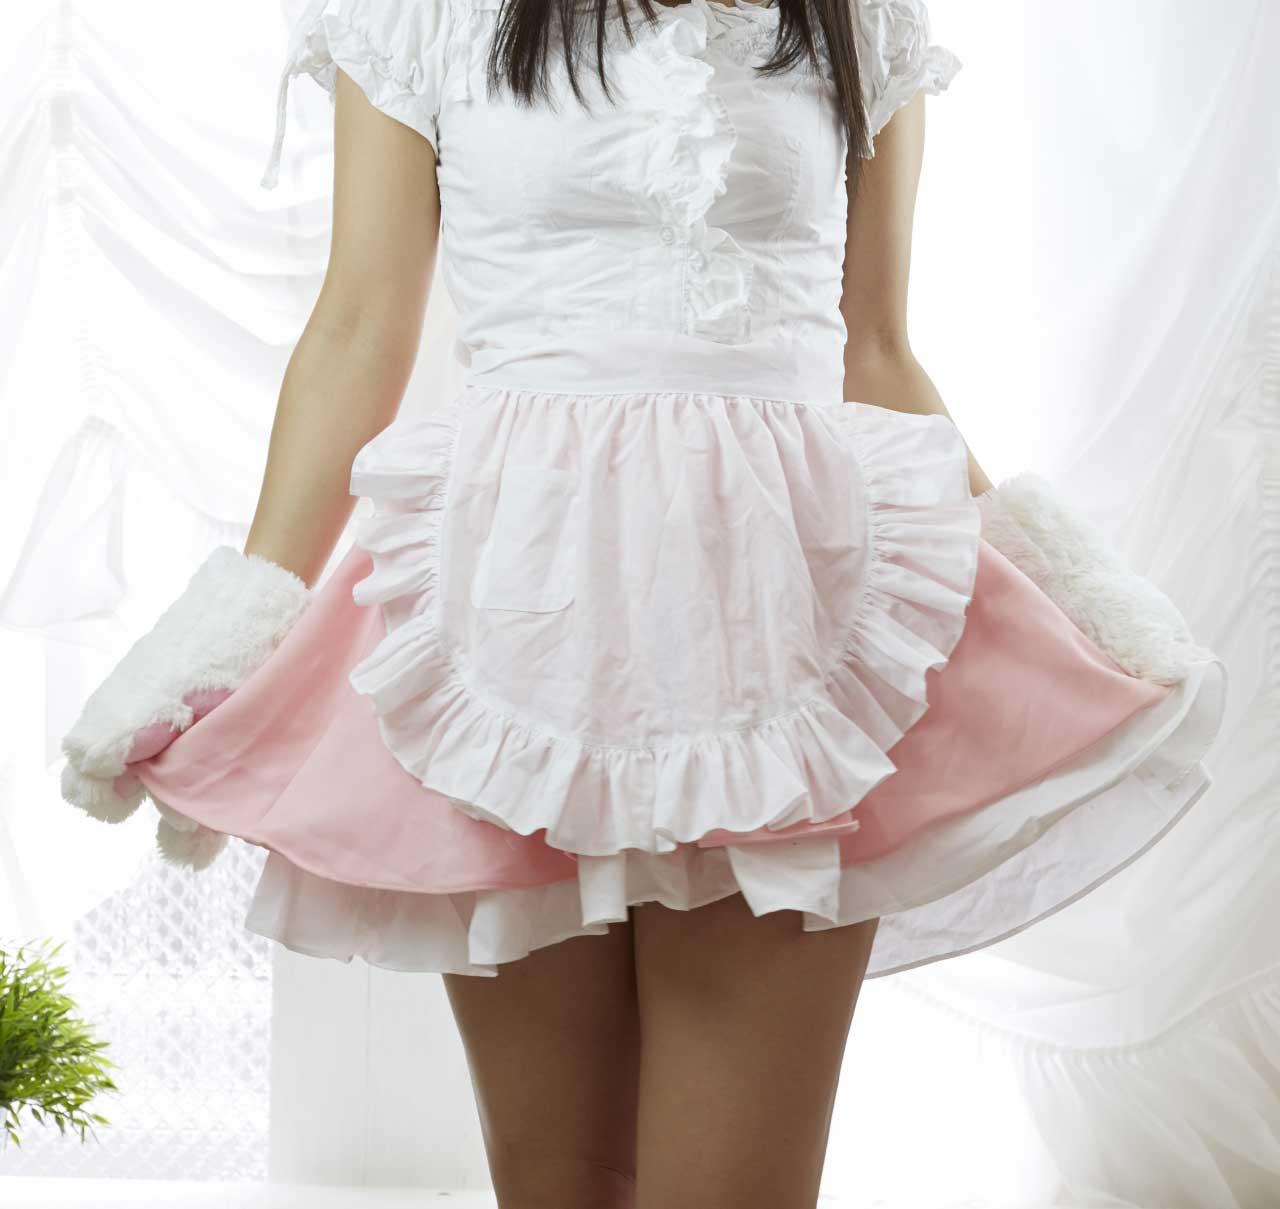 メイド服の画像